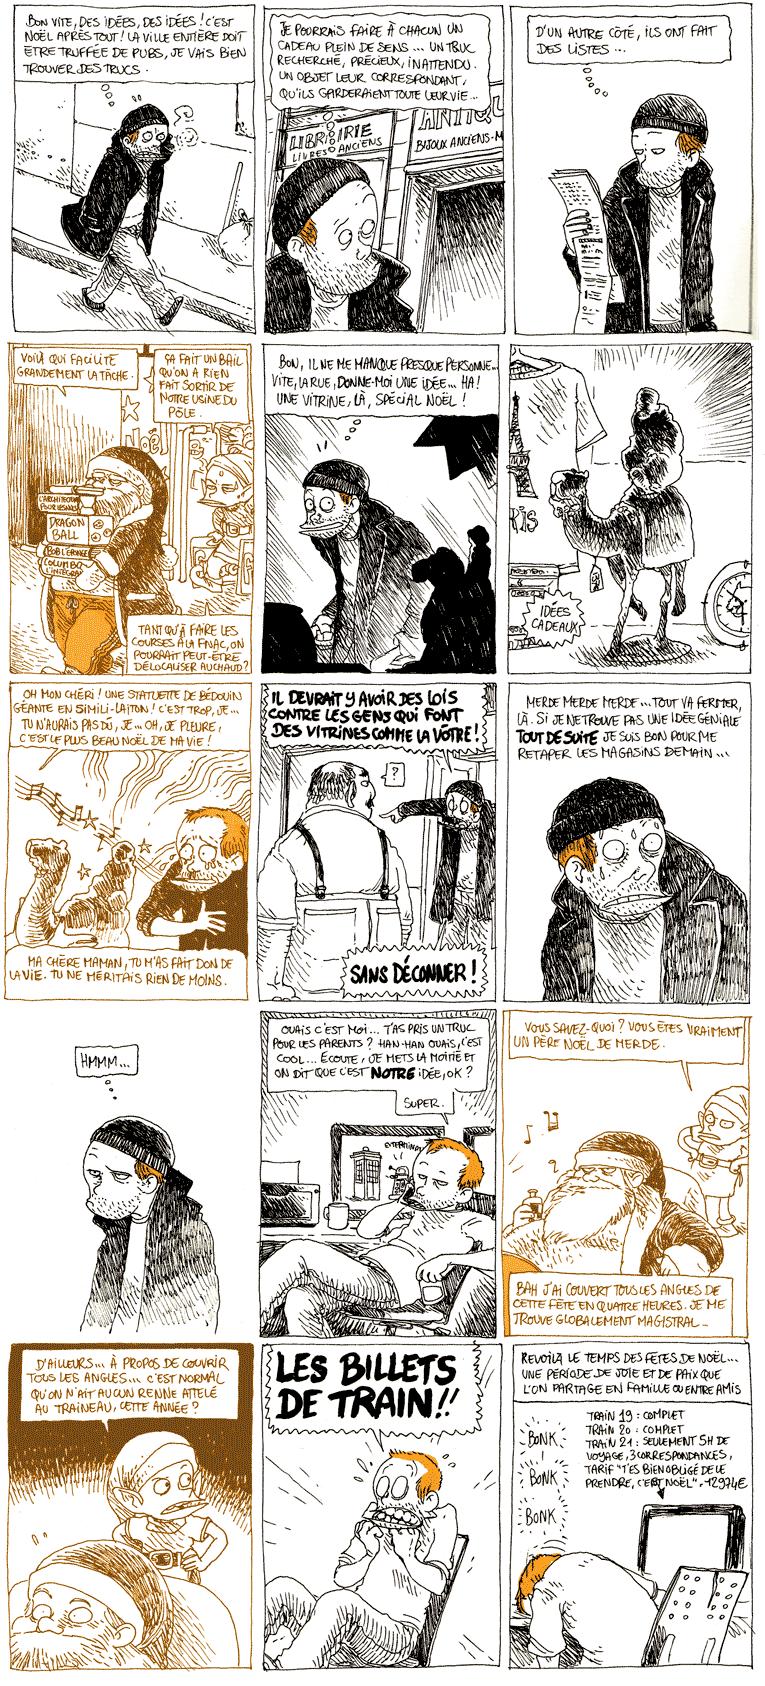 """Le Pire Noël est de retour...Source : Boulet, 2011, """"Le Pire Noël est de retour"""", blog Bouletcorp, 20 décembre 2011."""